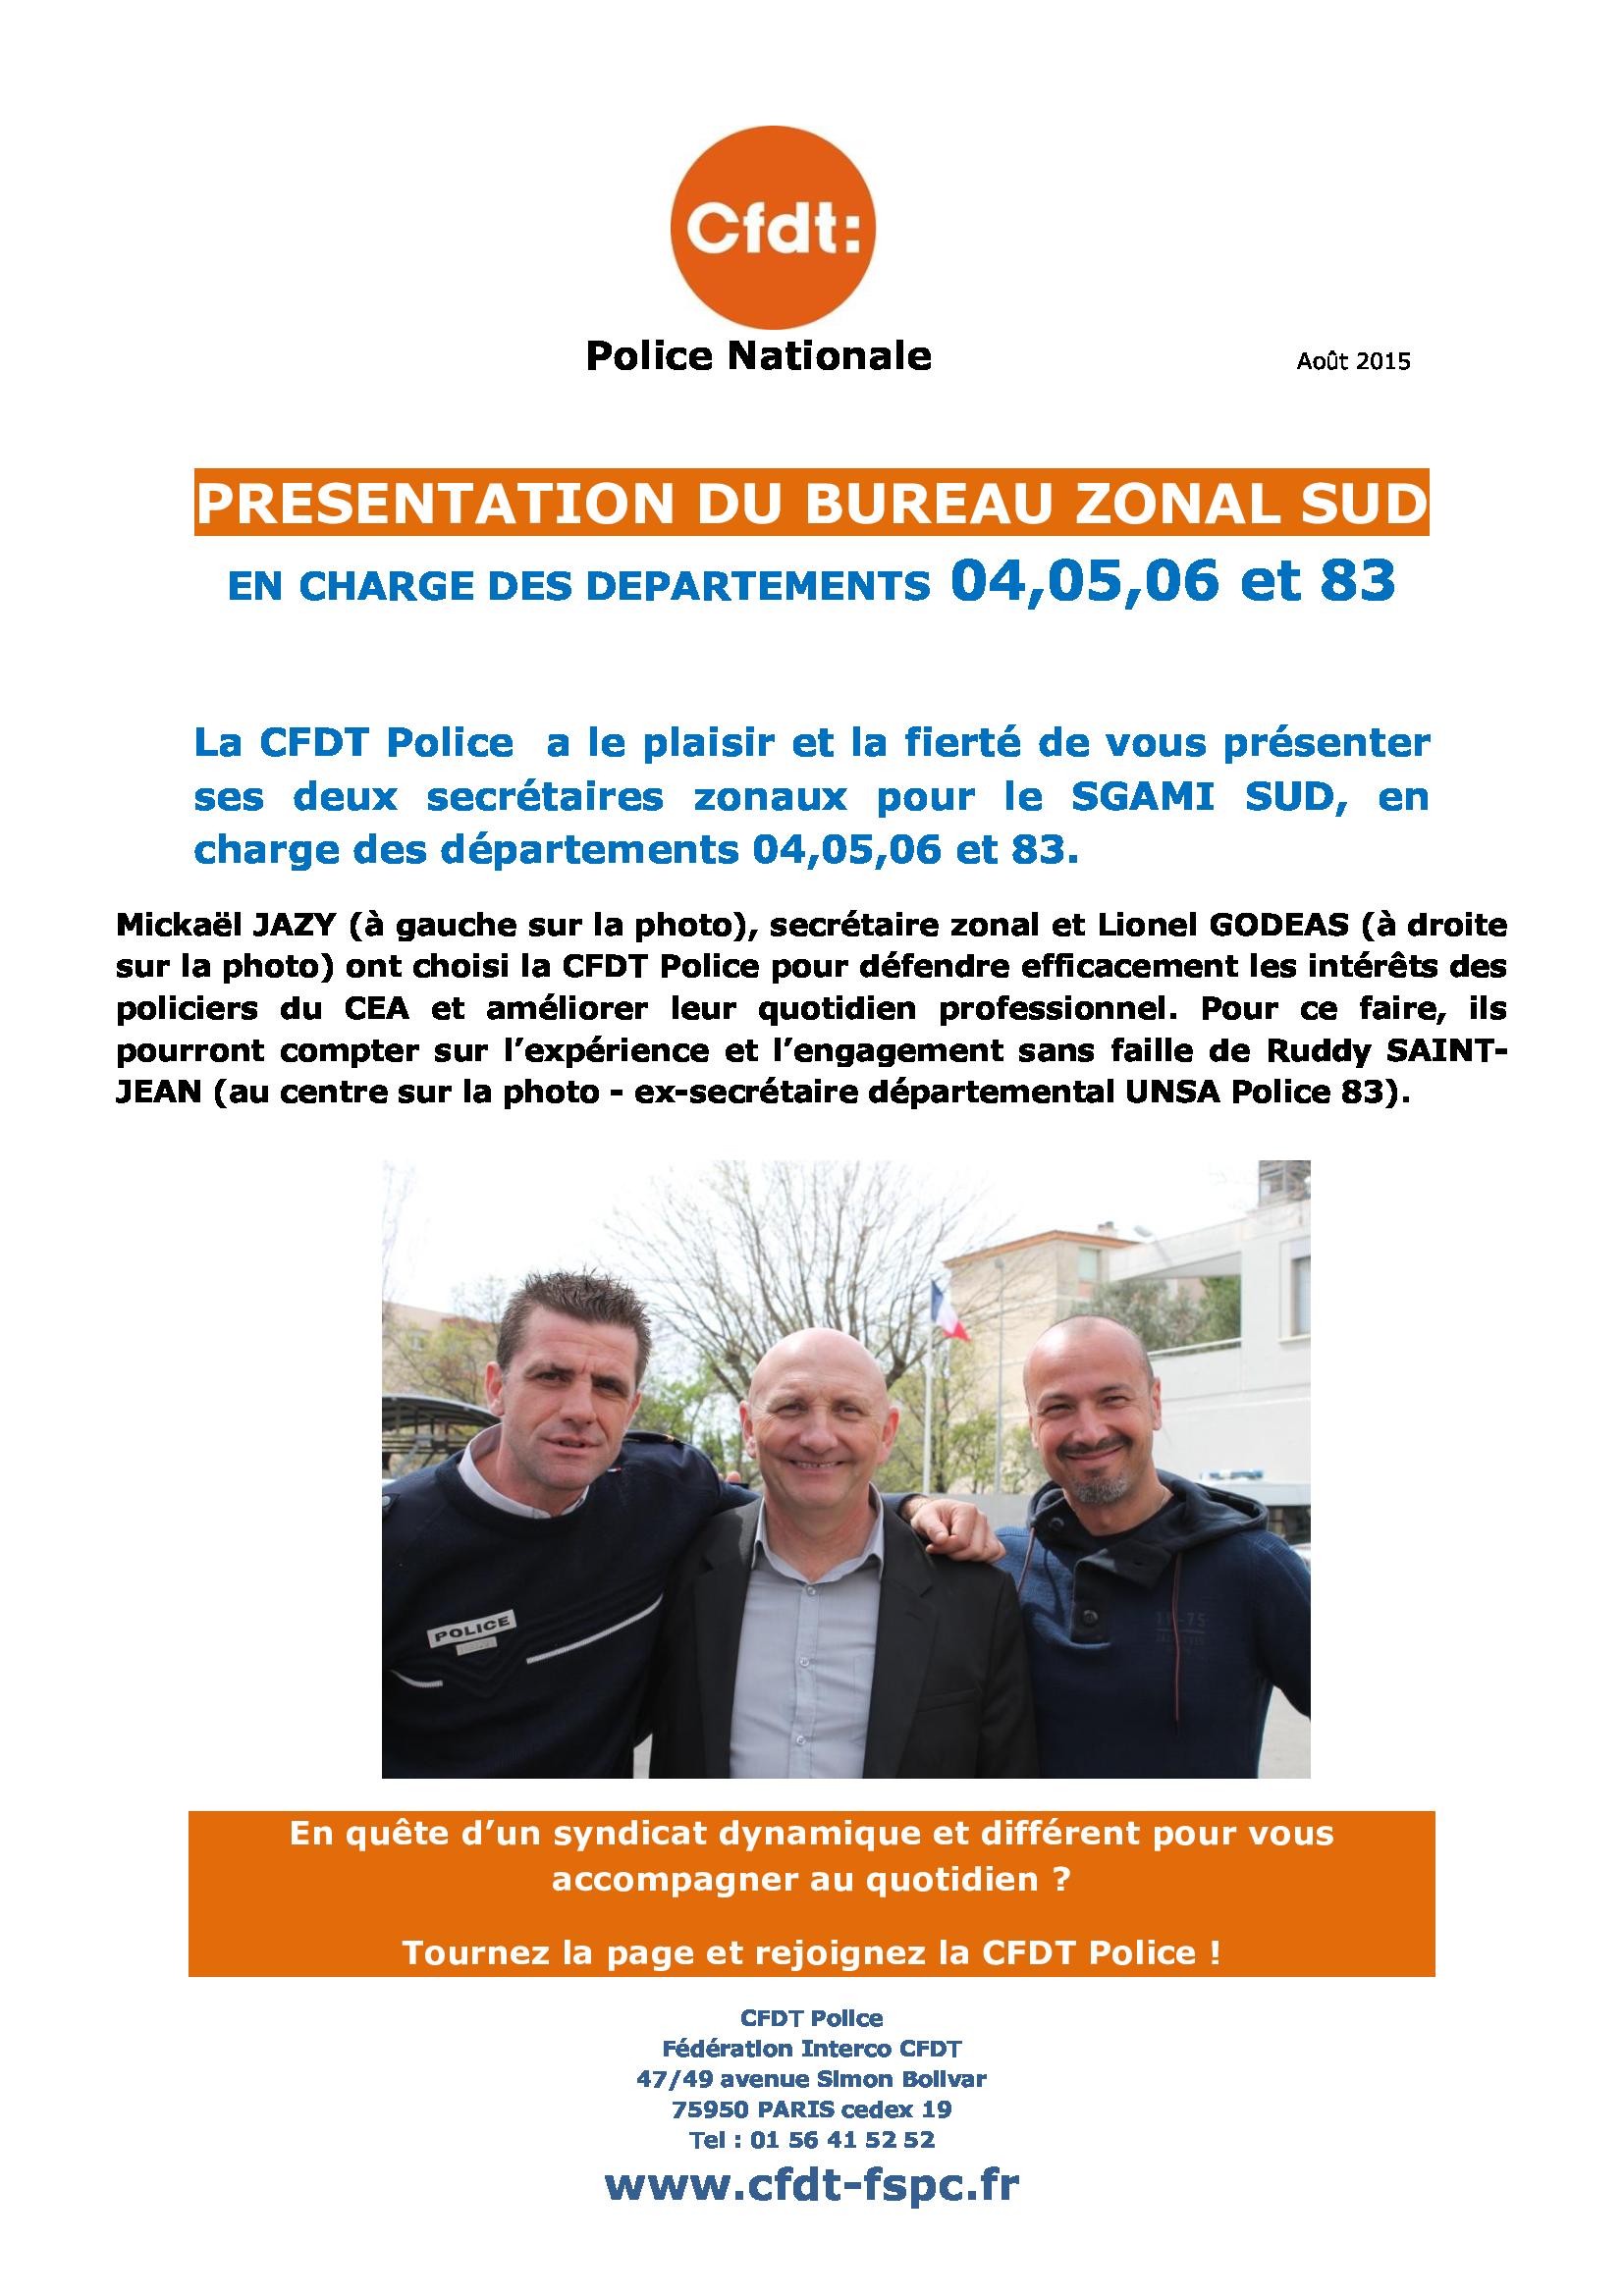 PRESENTATION_DU_BUREAU_ZONAL_SUD_EN_CHARGE_DES_DEP